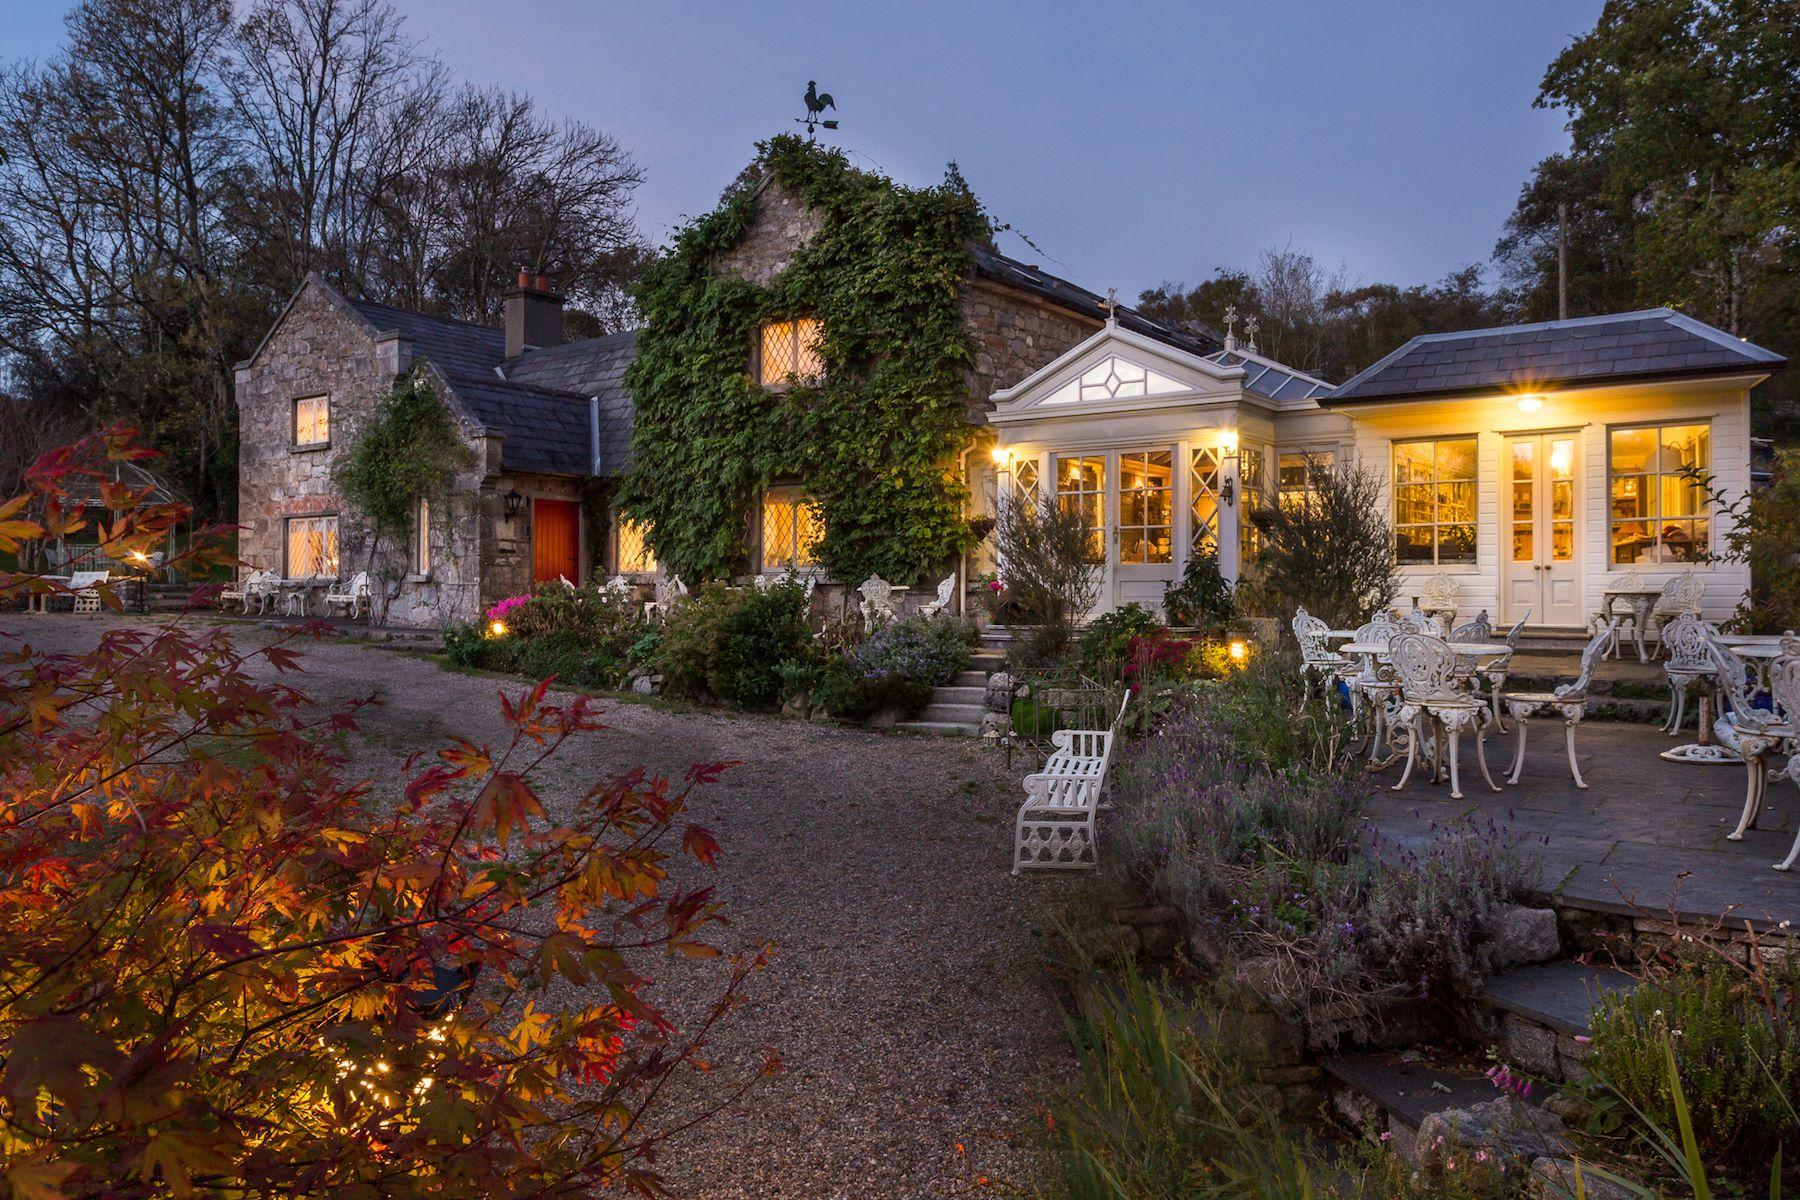 Частный односемейный дом для того Продажа на THE OLD SCHOOL HOUSE Wicklow, Leinster, Ирландия